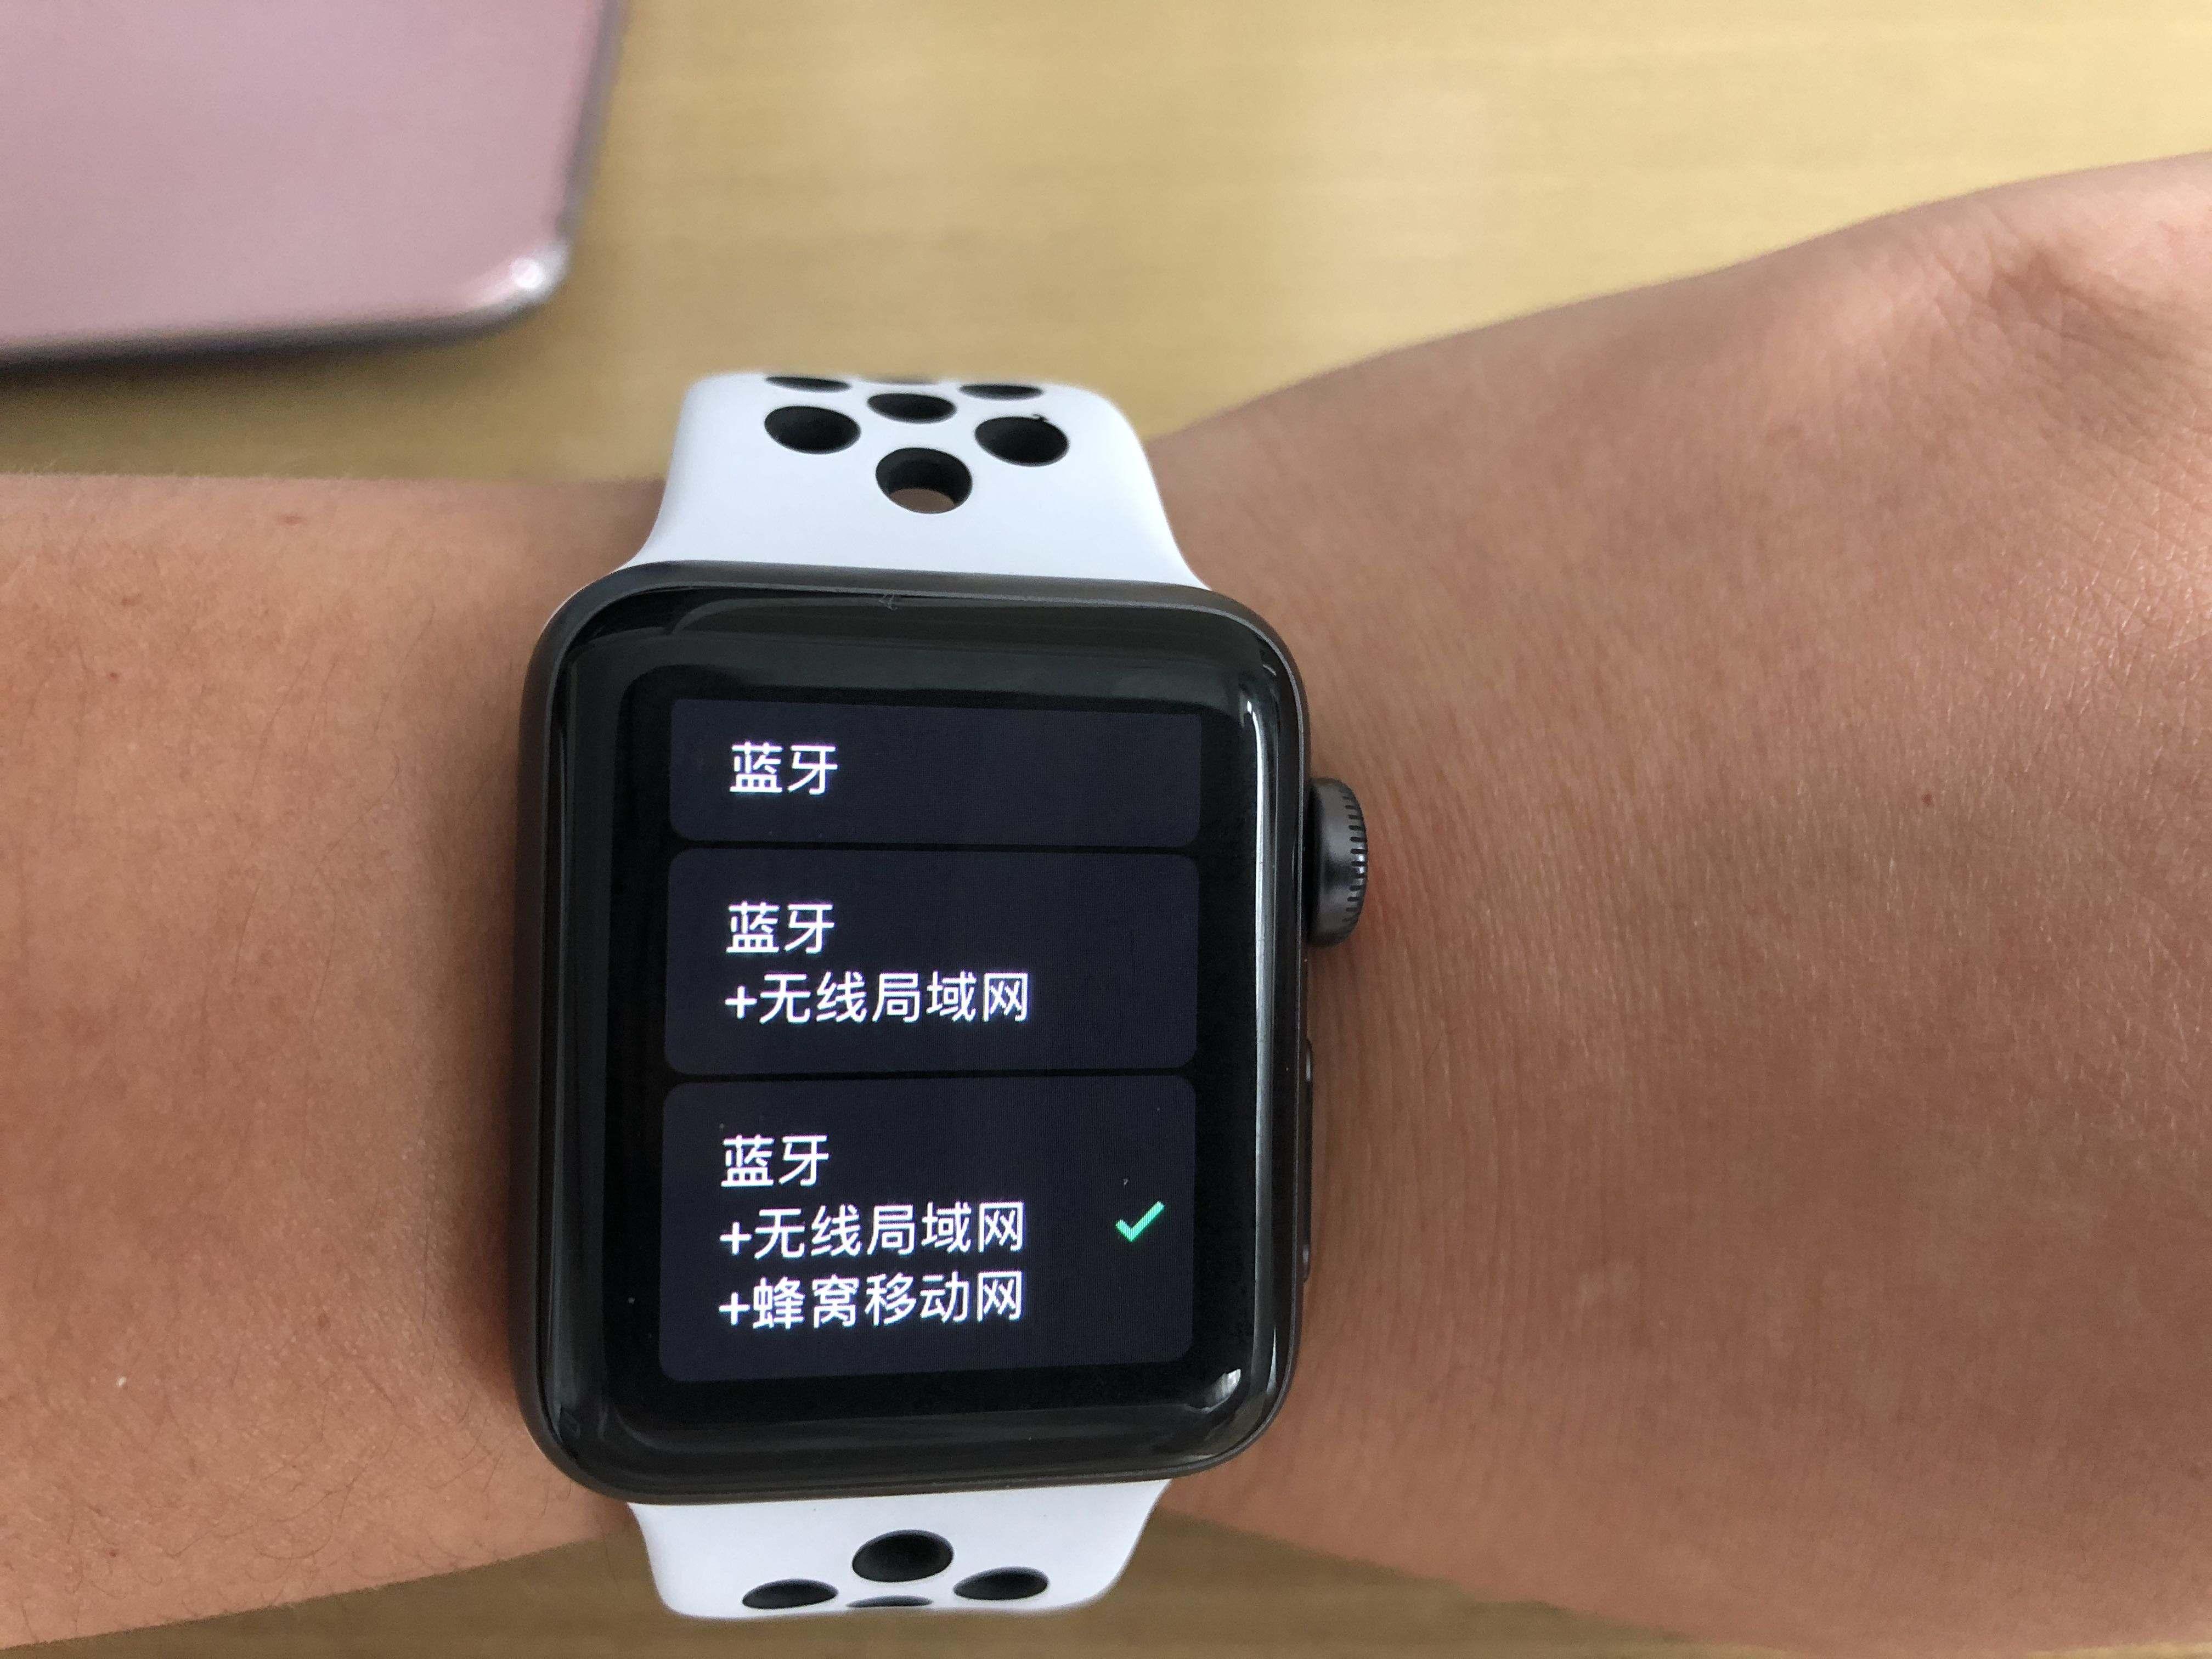 国行Apple Watch 3蜂窝网络功能被叫停 销量受到影响